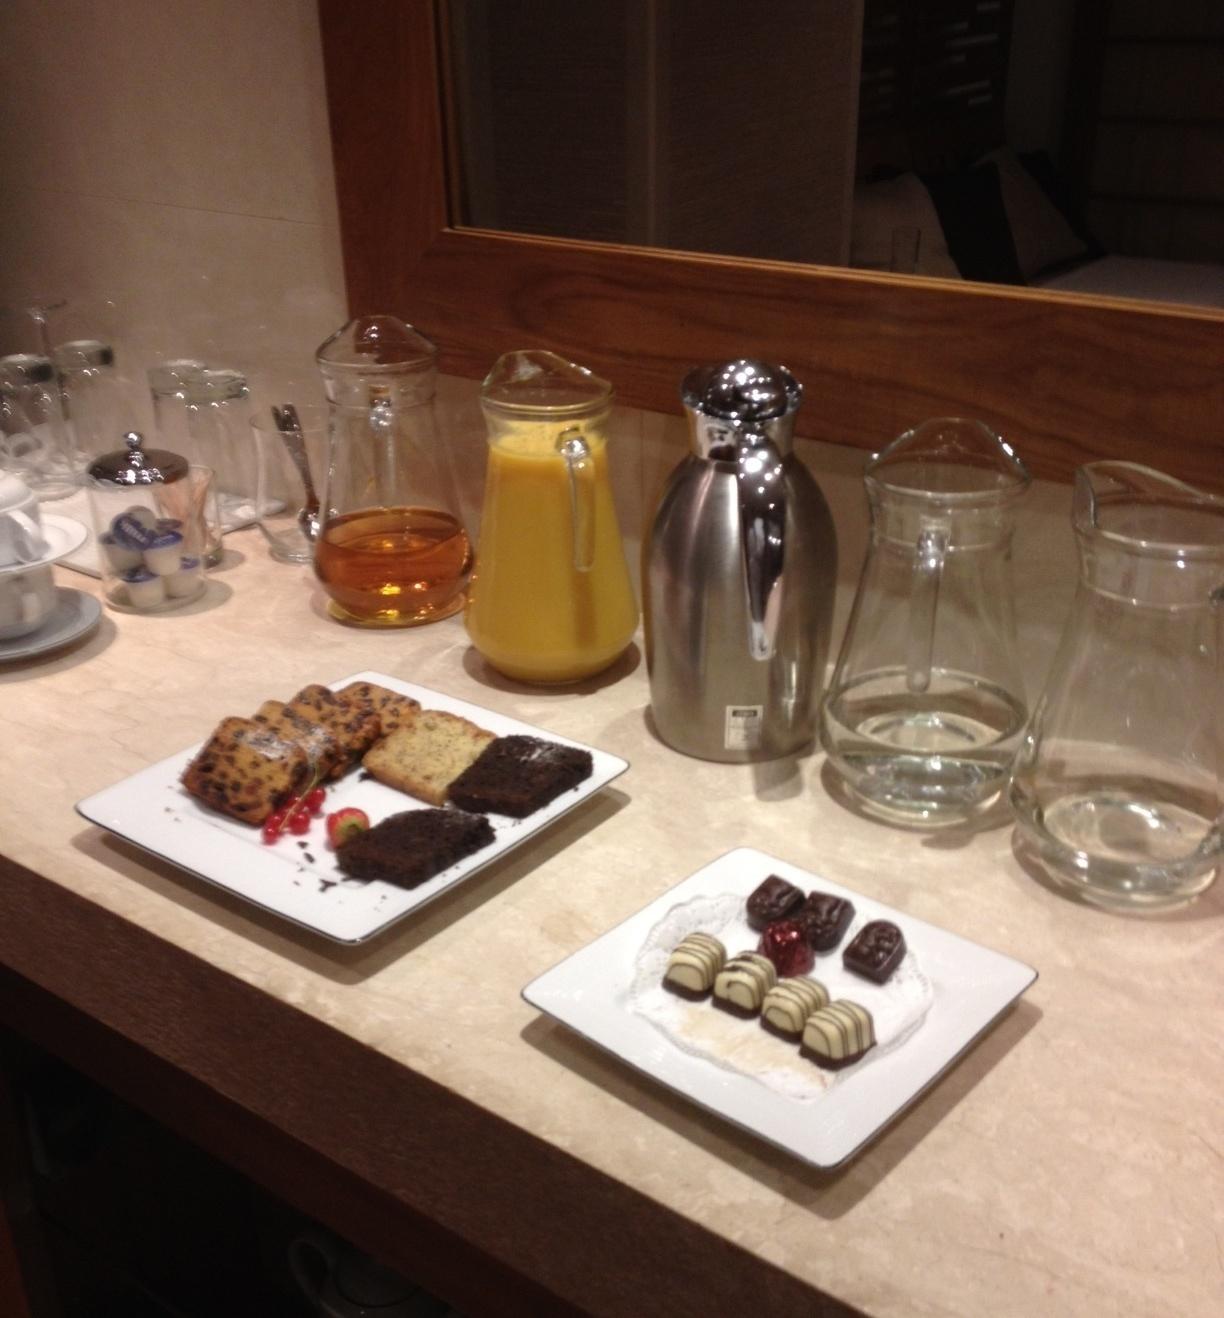 Chocs and juice at Ajala Spa, St Pauls